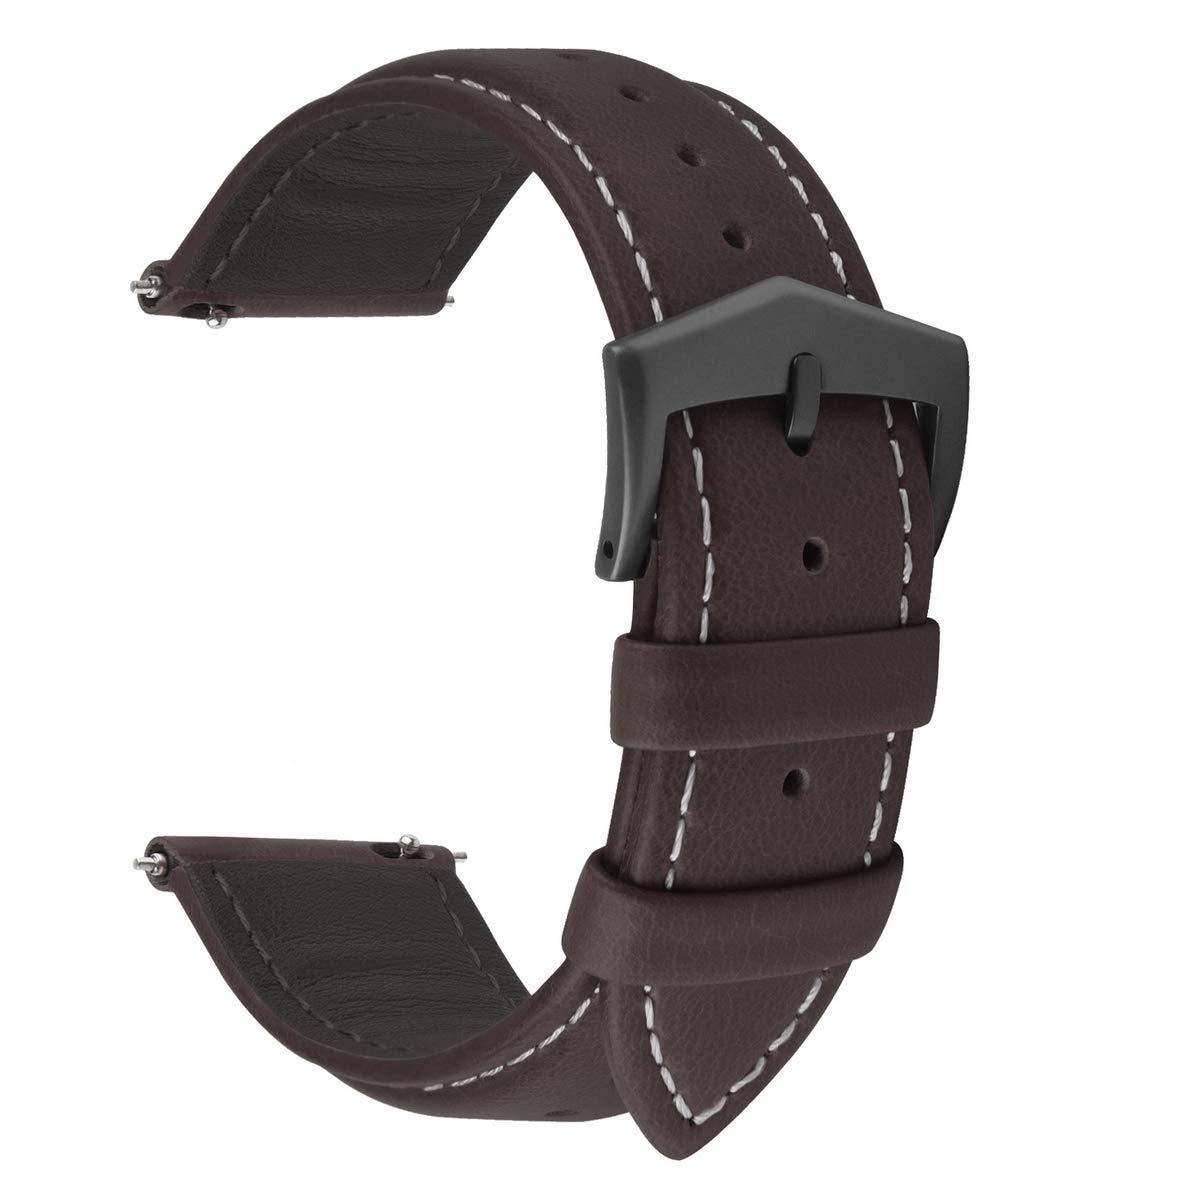 Fullmosa Correa de Reloj de Piel Liberación Rápida, Labu Pulsera de Repuesto de Cuero Engrasado para Relojes 18 mm 20 mm 22 mm Mujer Hombre